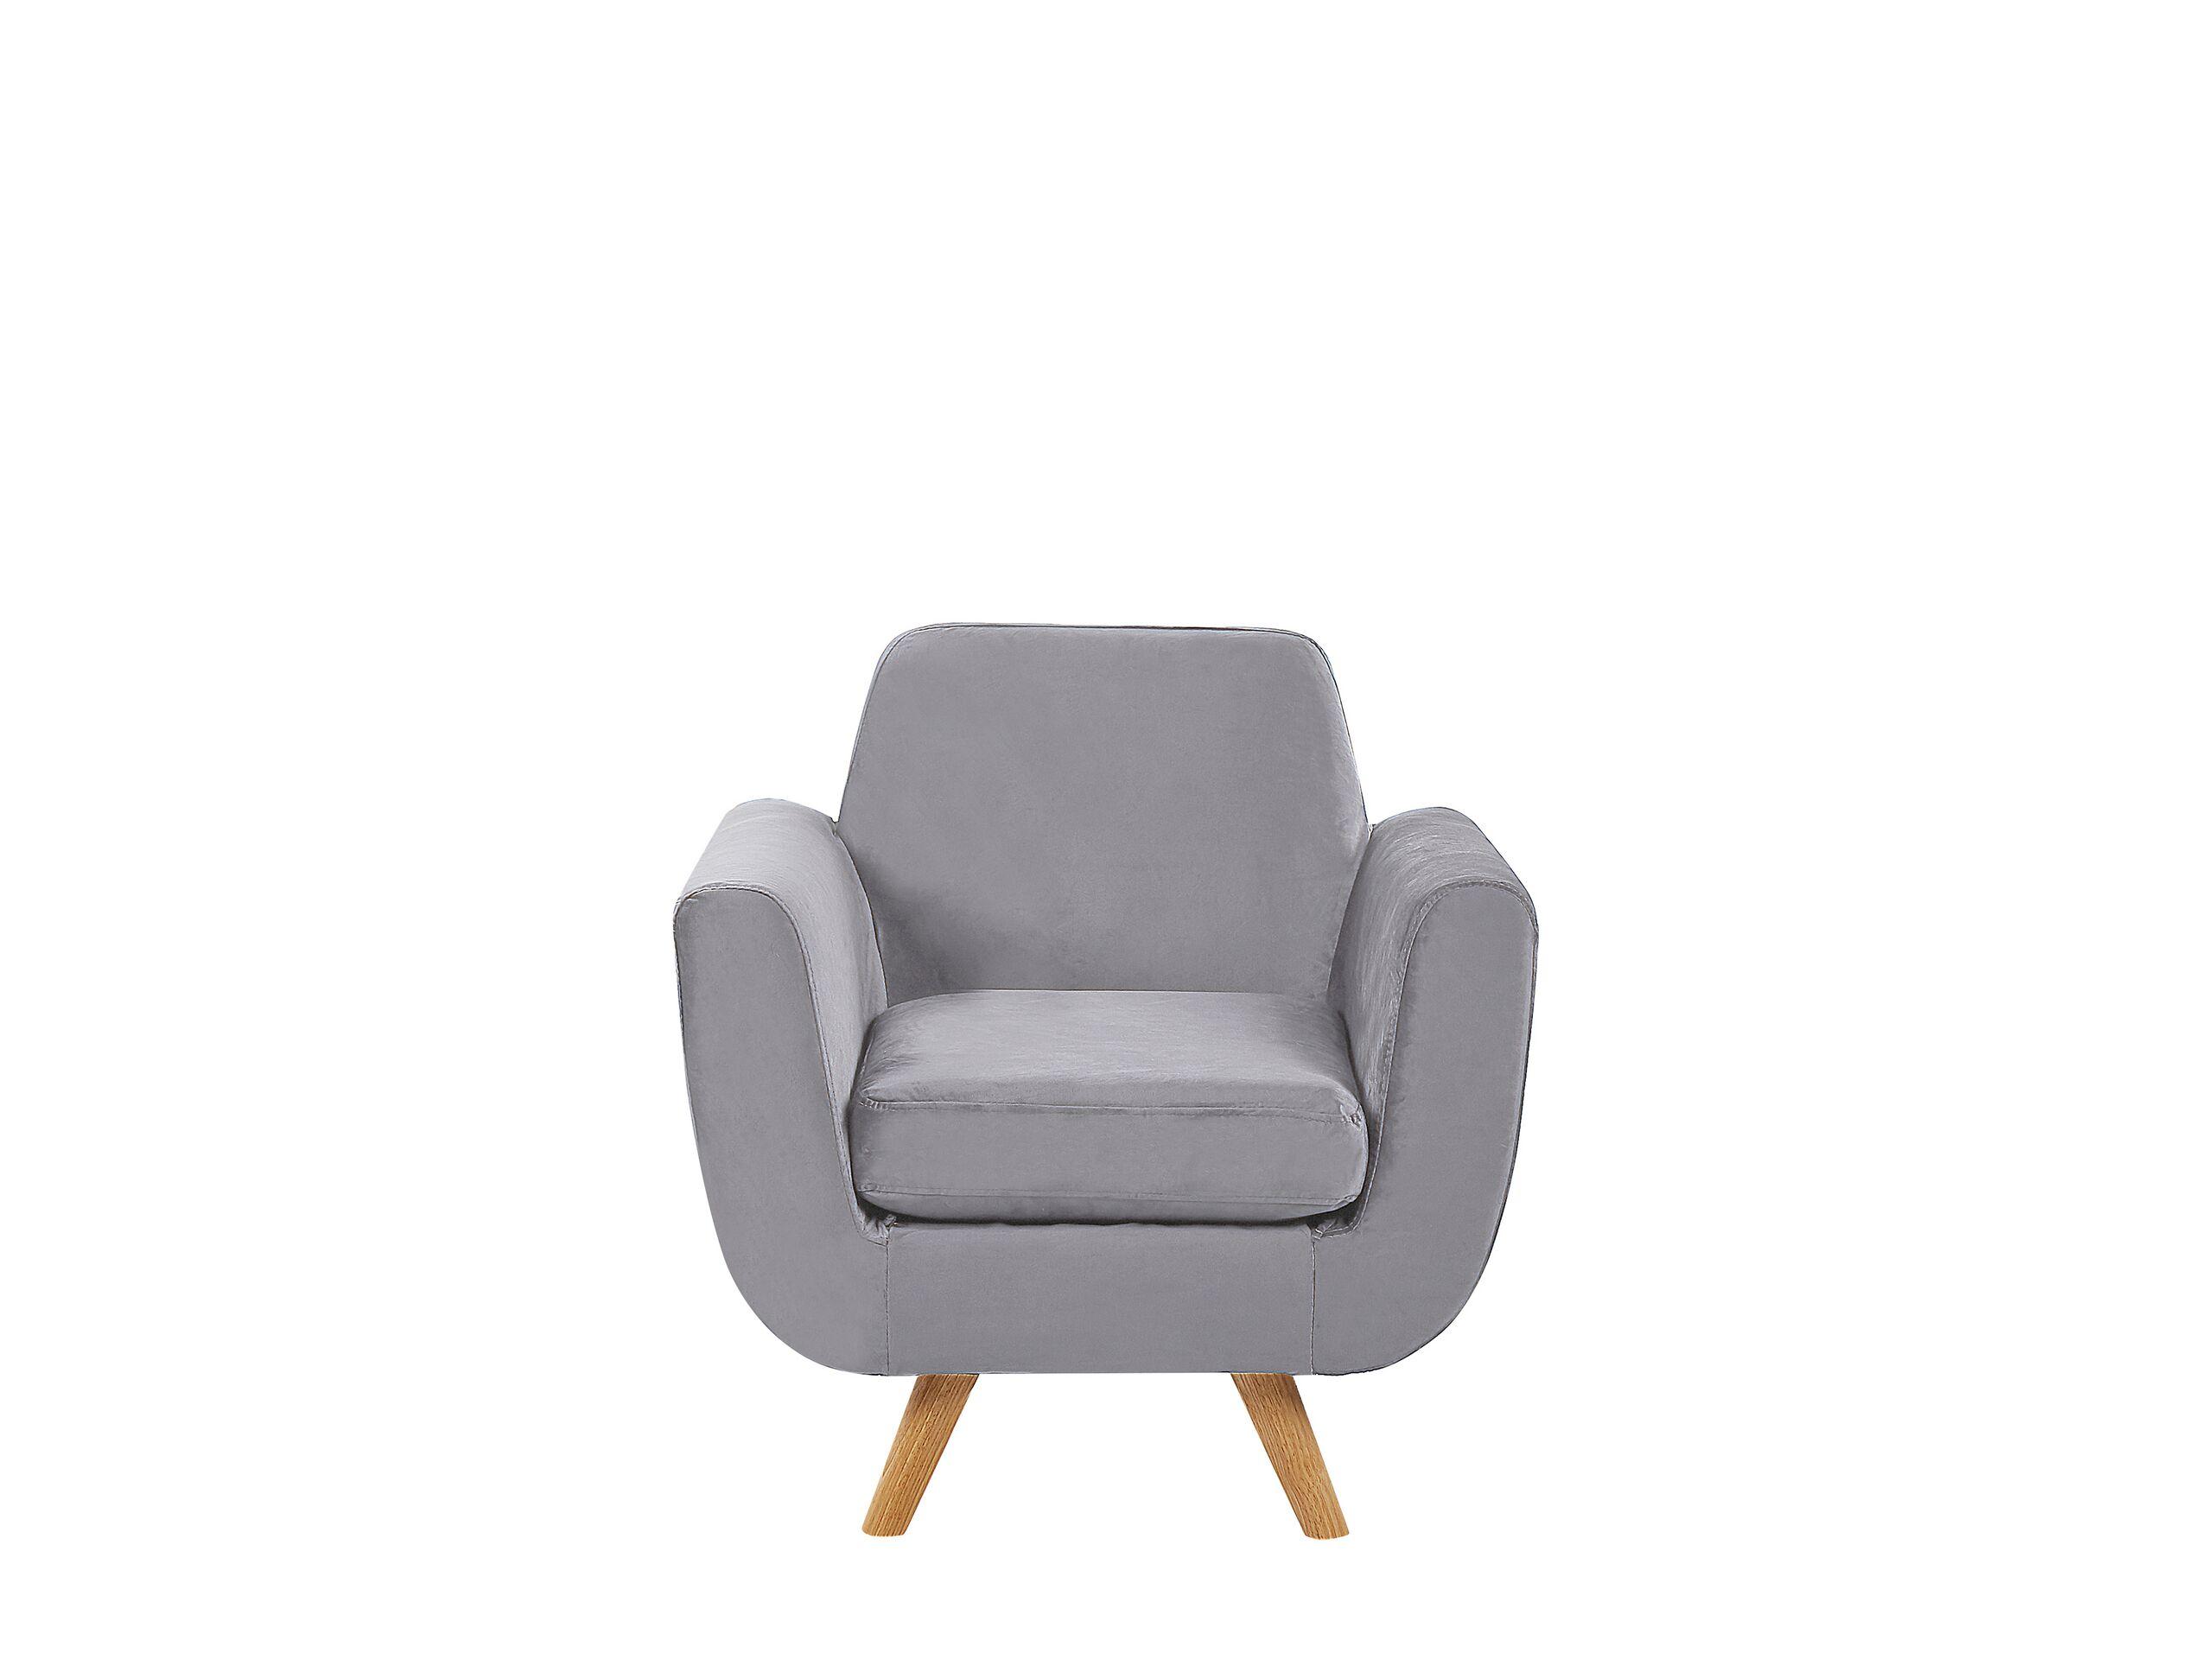 Housse en velours gris pour fauteuil